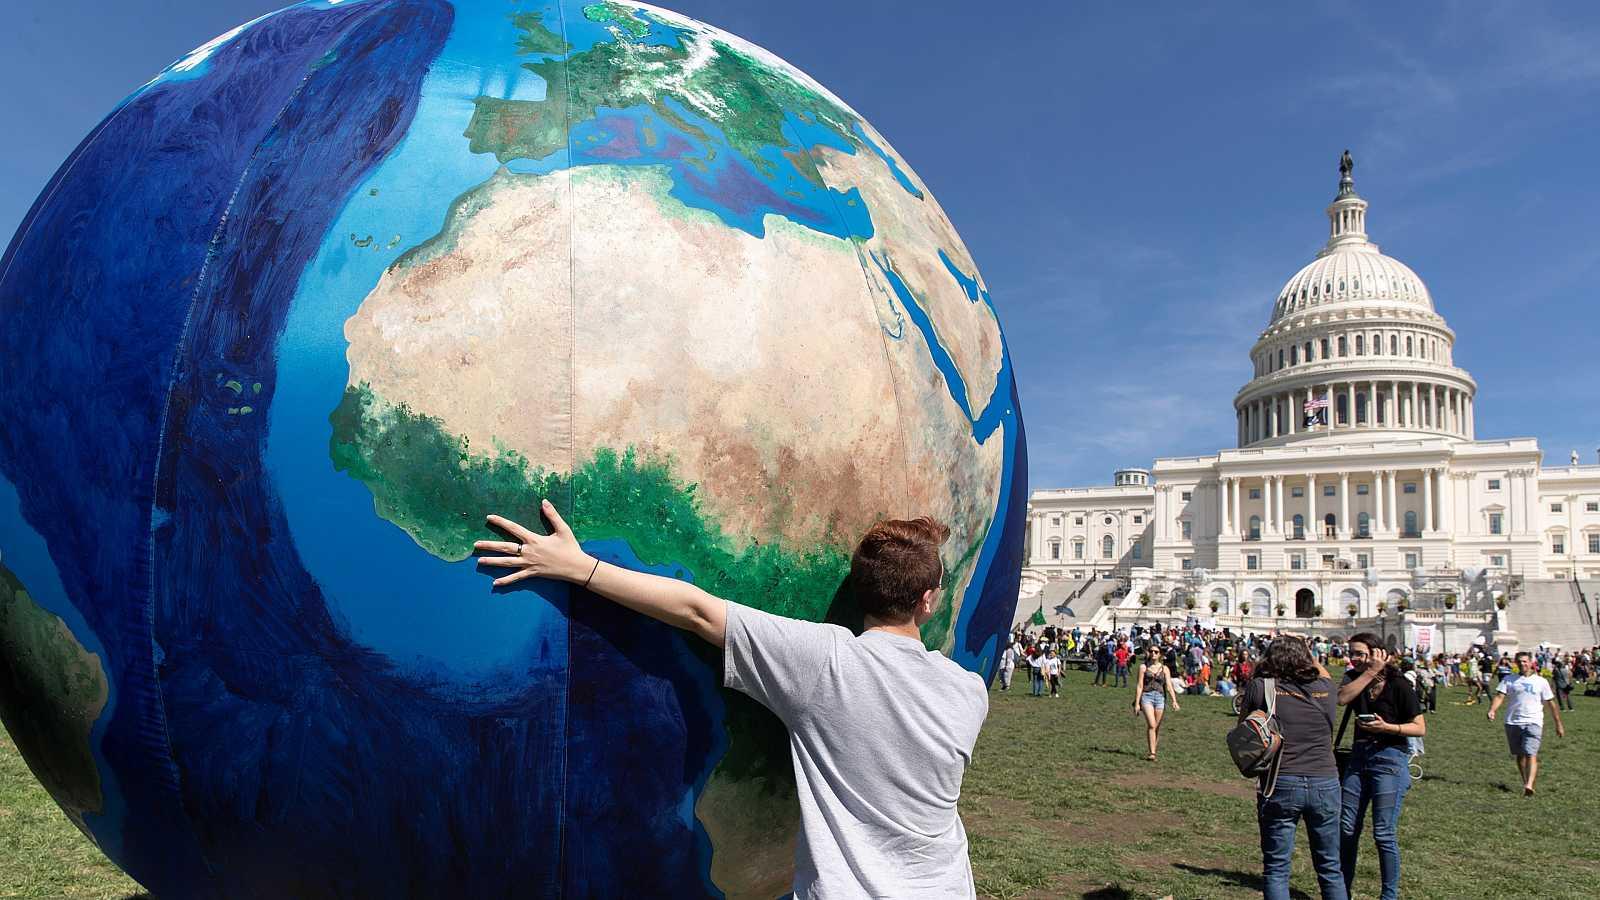 Un joven sostiene un globo terráqueo gigante frente al Capitolio de EE.UU. para protestar contra el cambio climático.